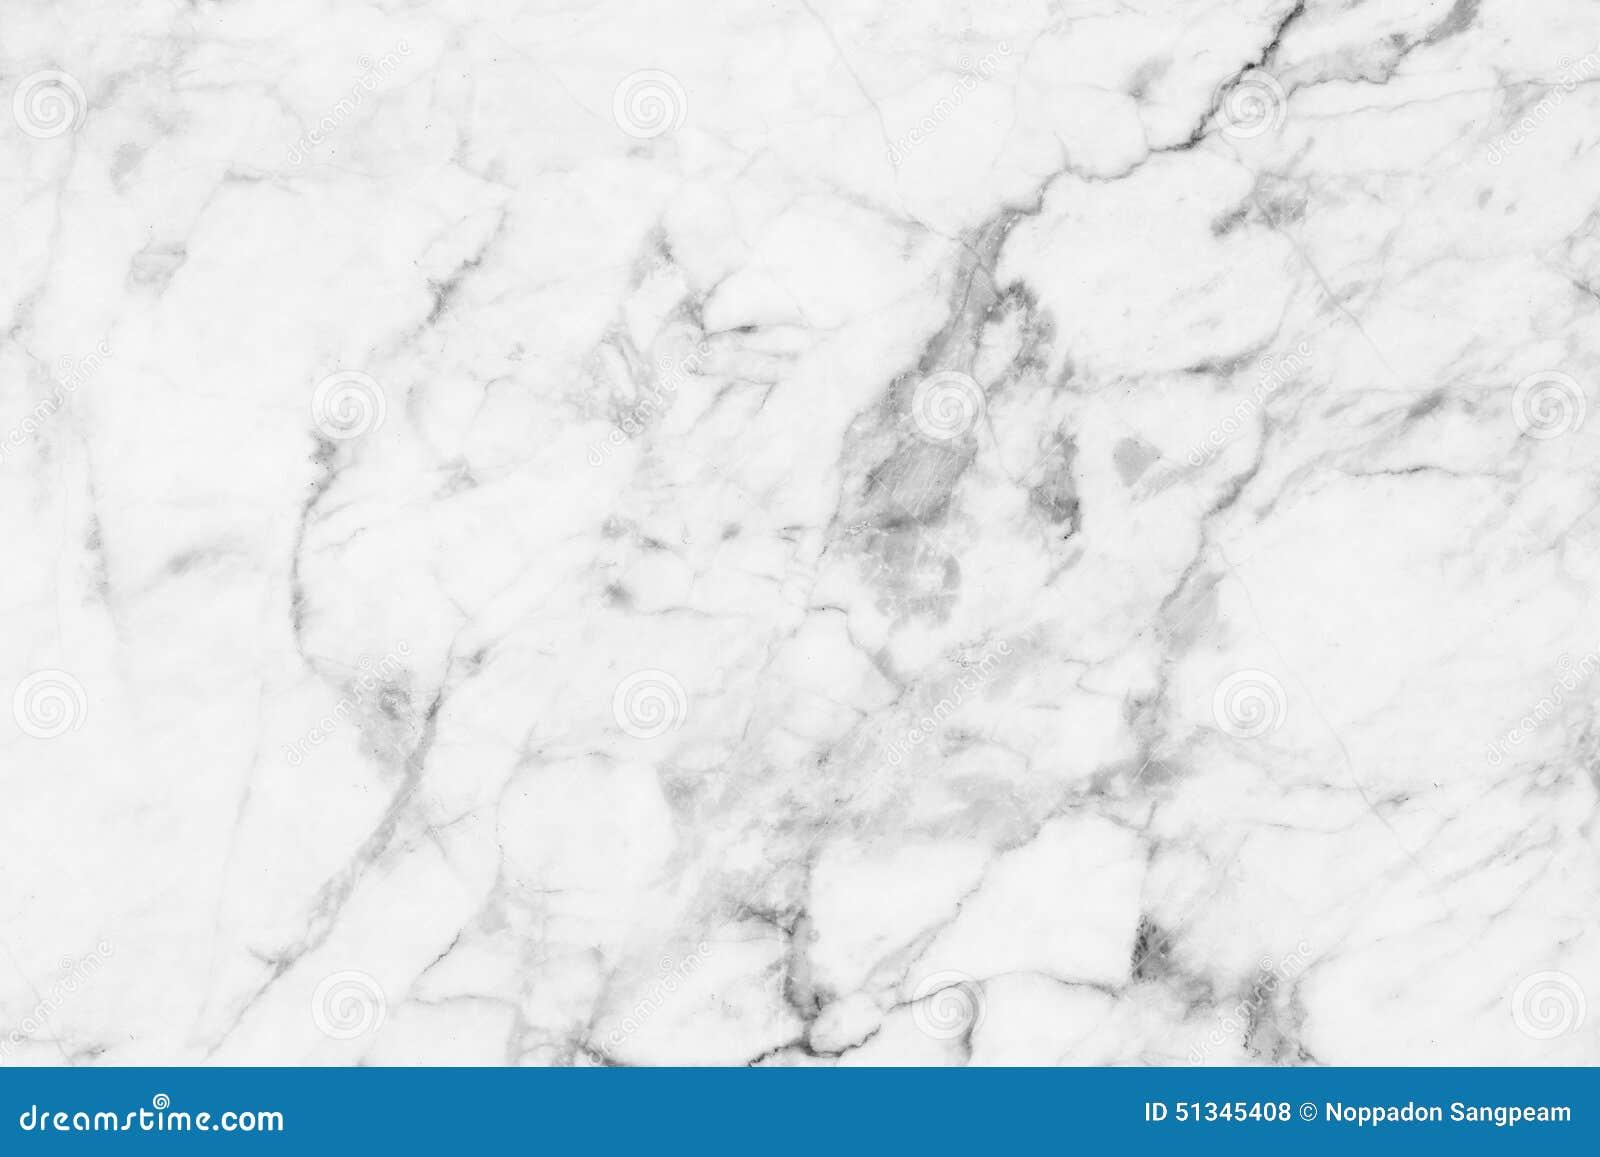 El m rmol blanco y negro abstracto model el fondo de la for Fondo marmol blanco